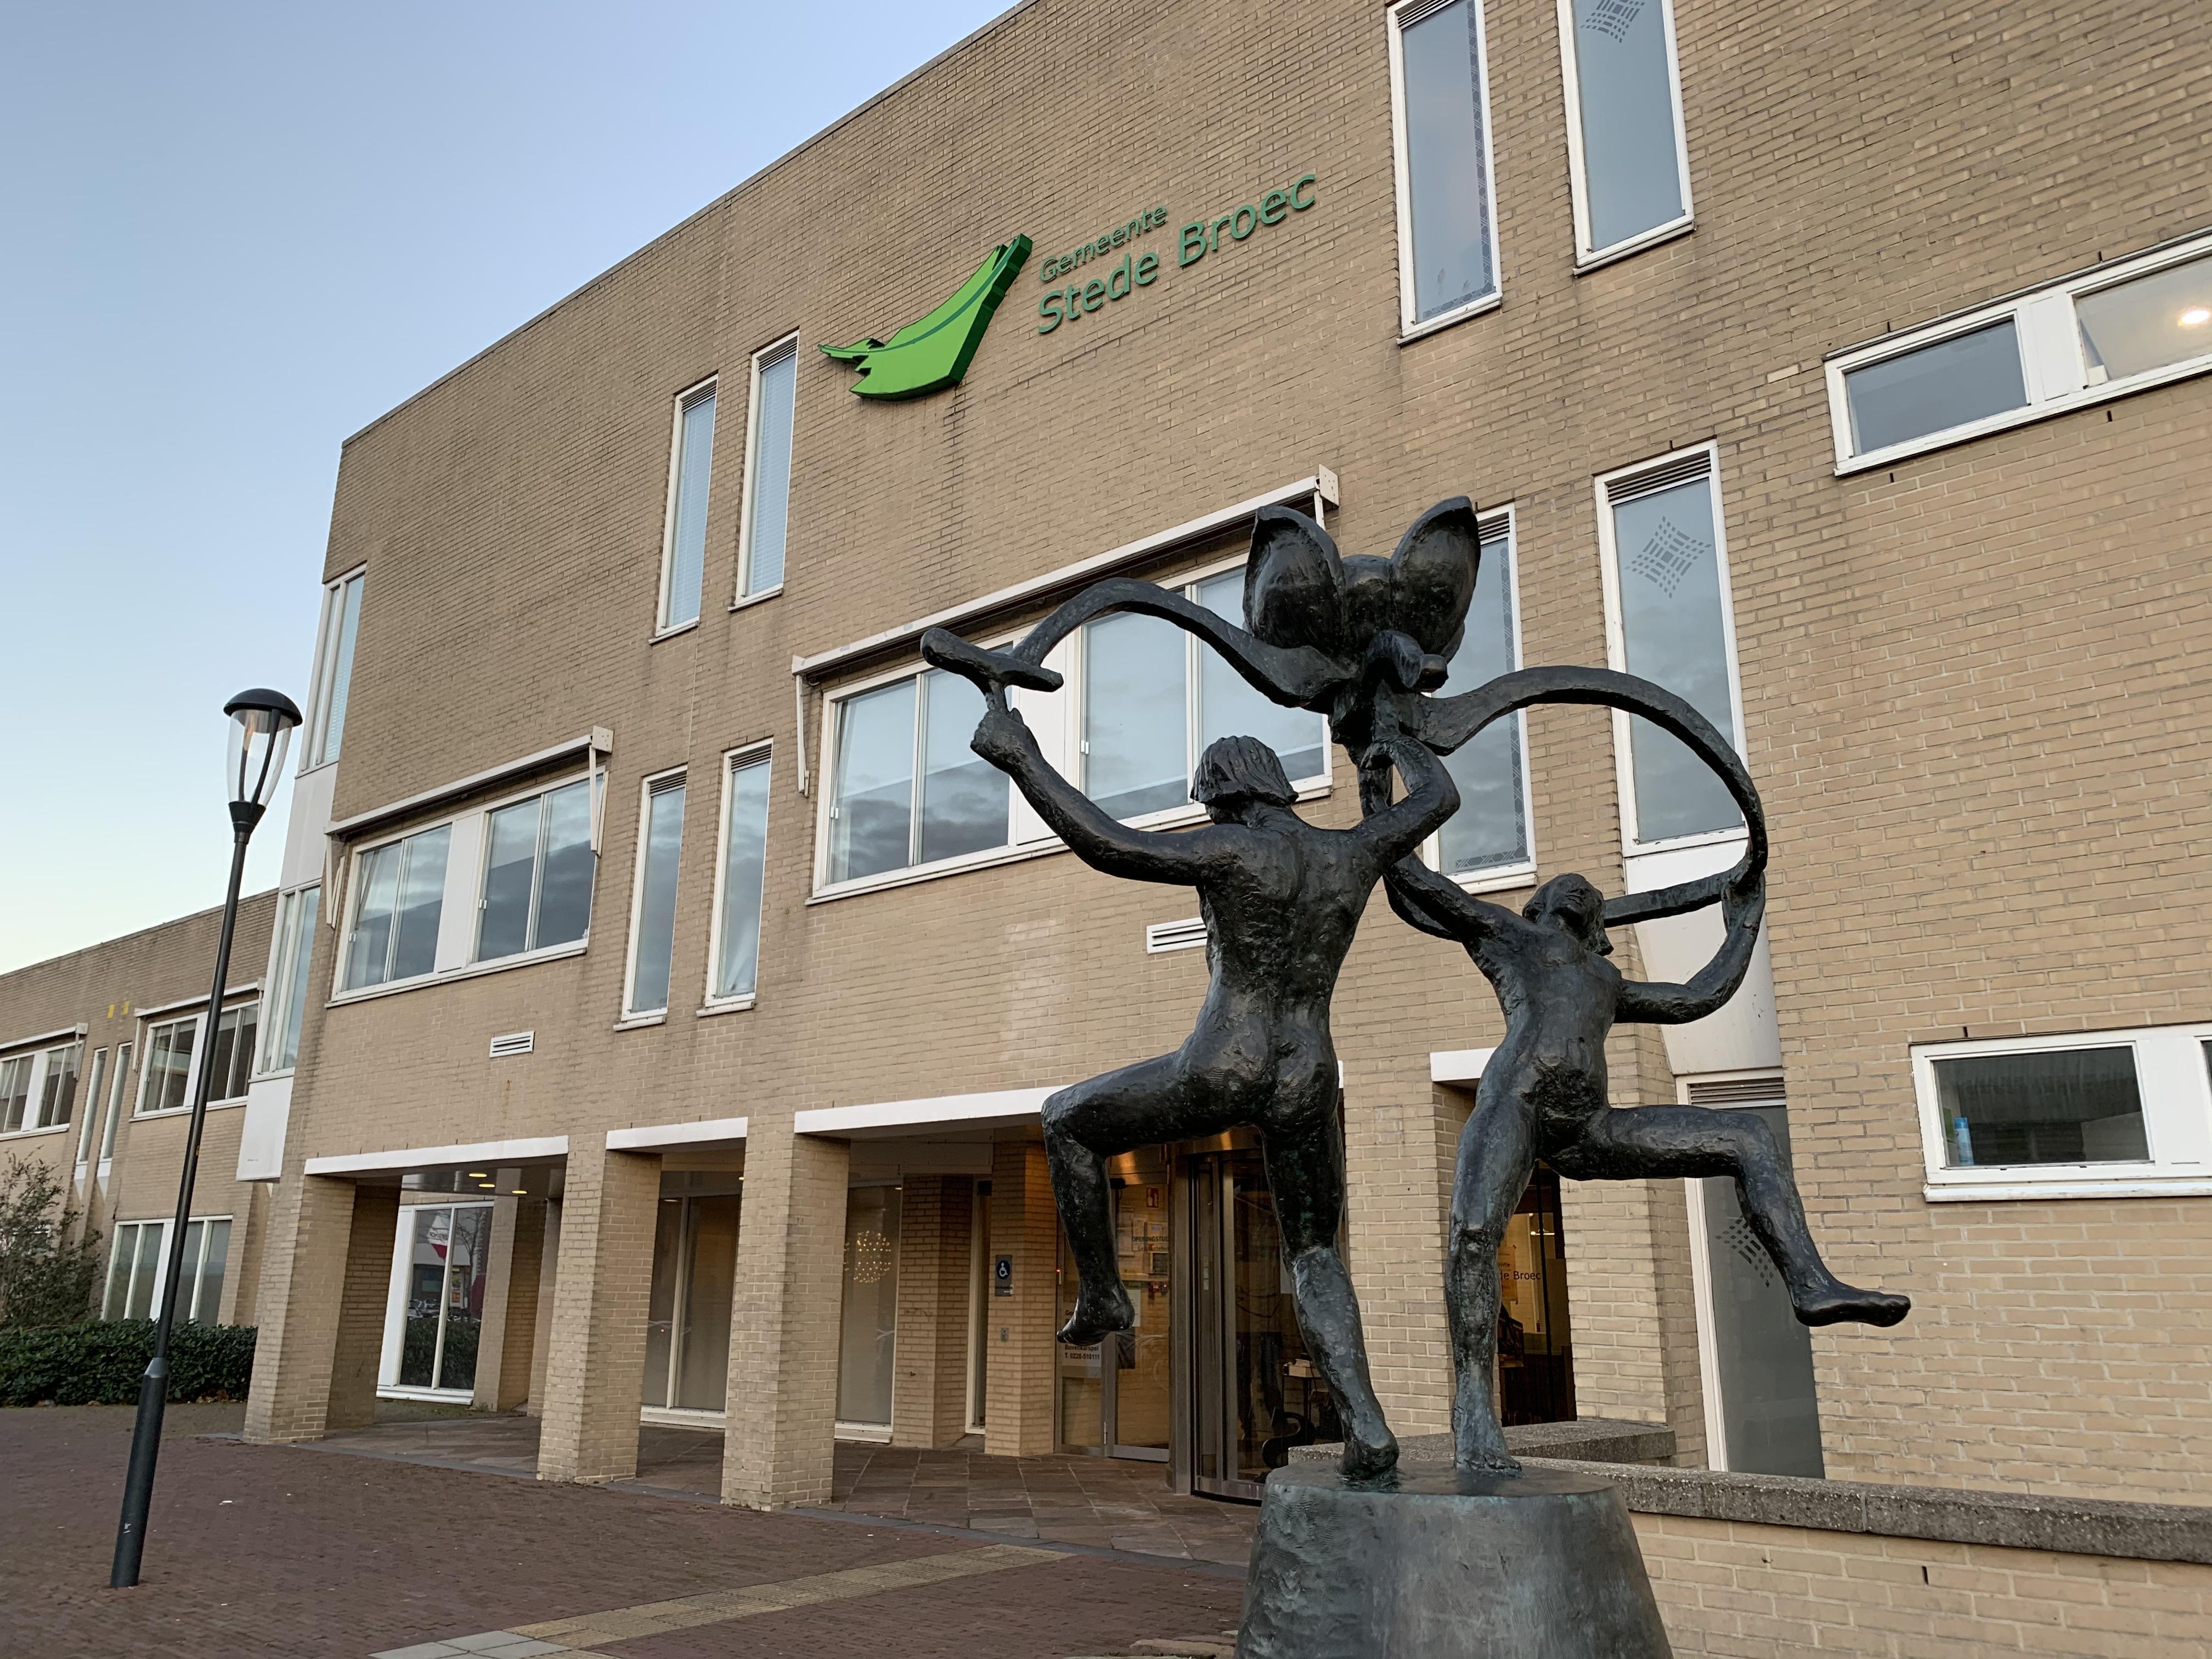 De bijstand is in Stede Broec een tikje kariger dan in omringende gemeenten